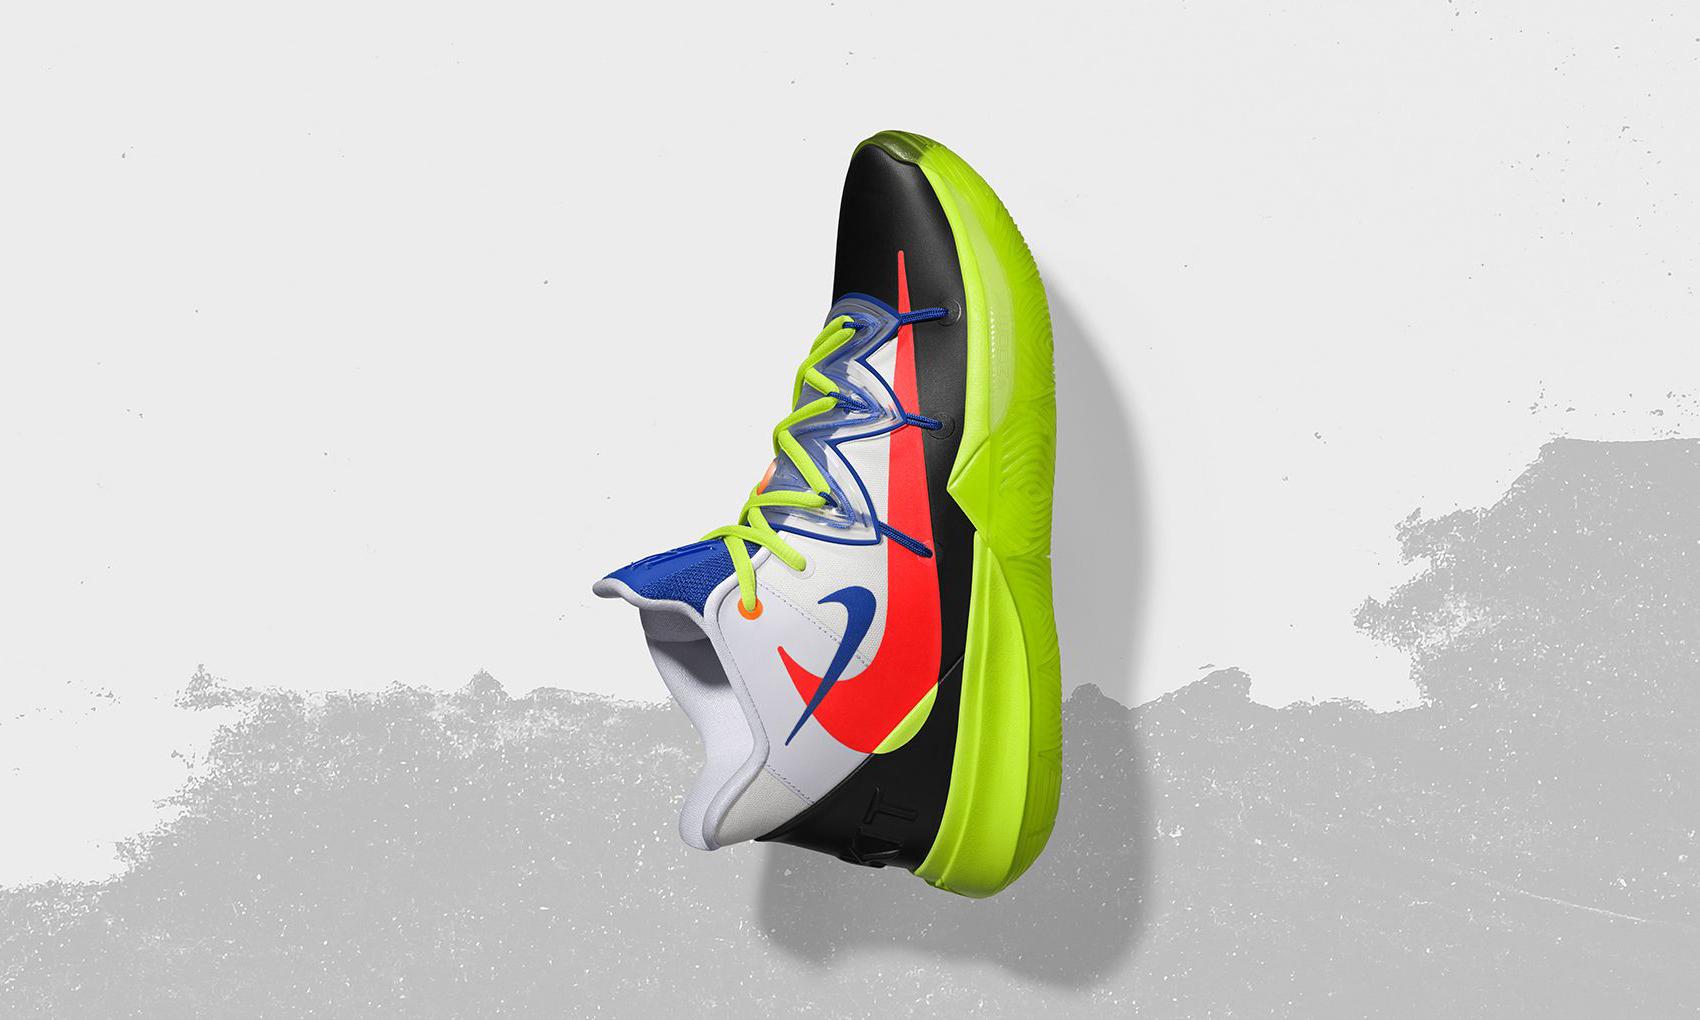 致敬篮球和滑板,ROKIT x Nike Kyrie 5 正式登陆国区 SNKRS